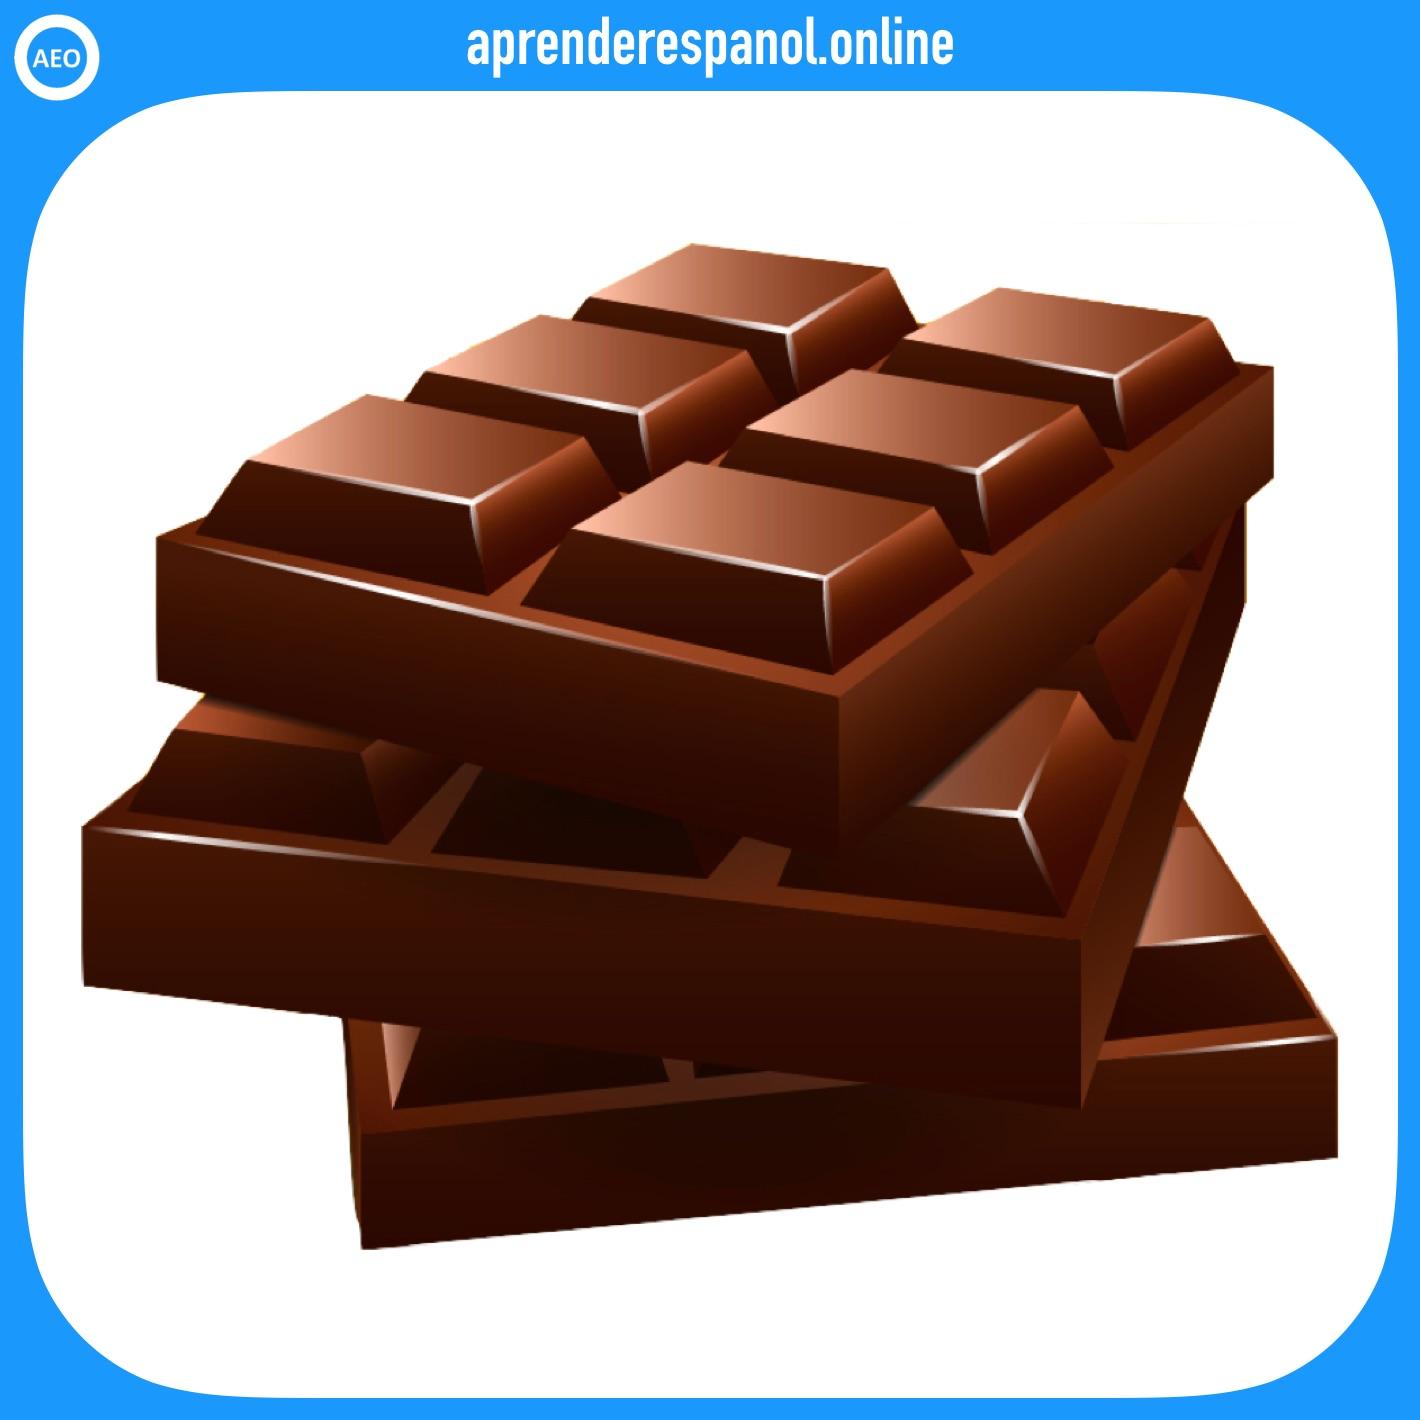 chocolate   postres y dulces en español   vocabulario de los postres en español